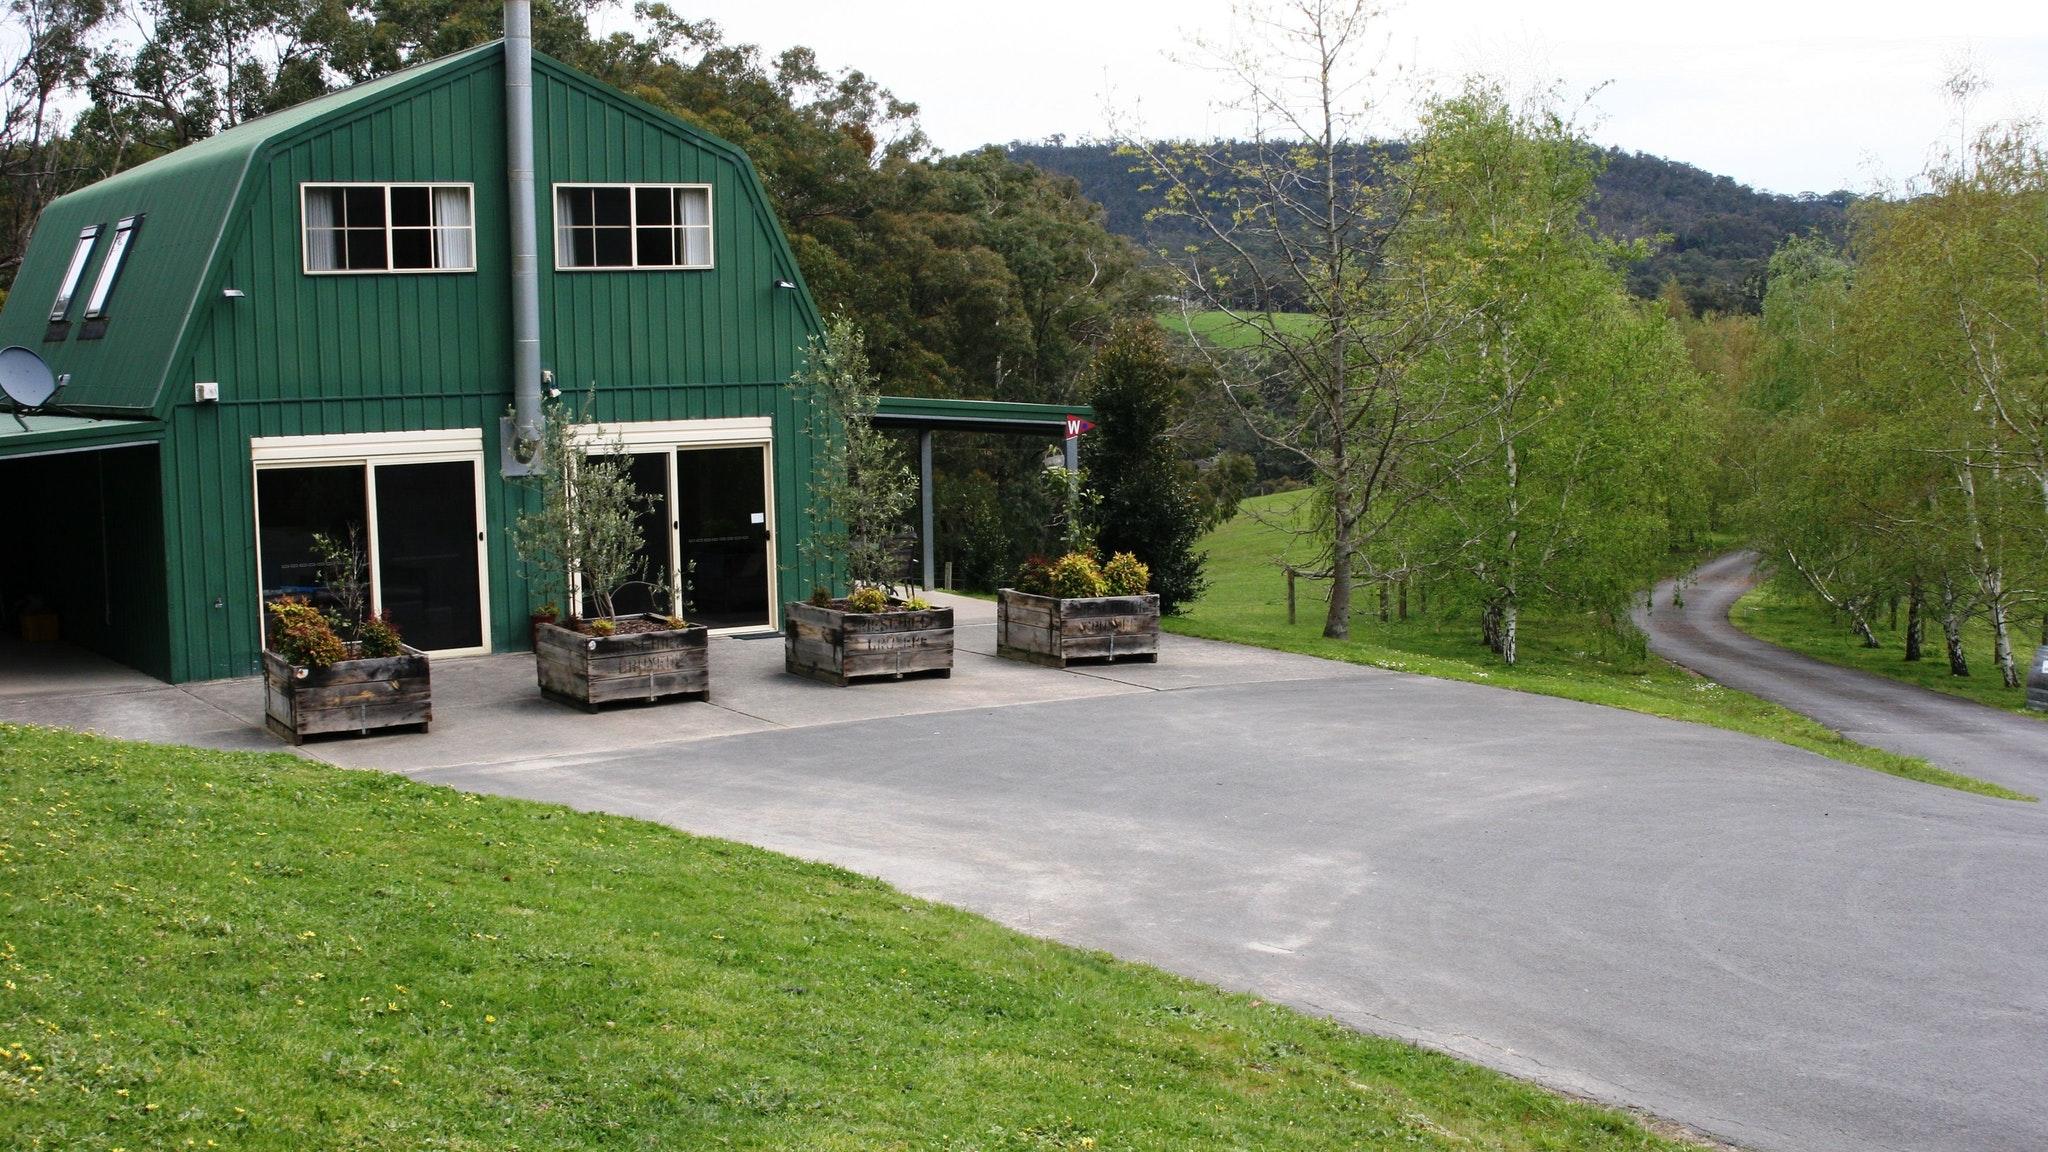 The Barn at Charlottes Hill